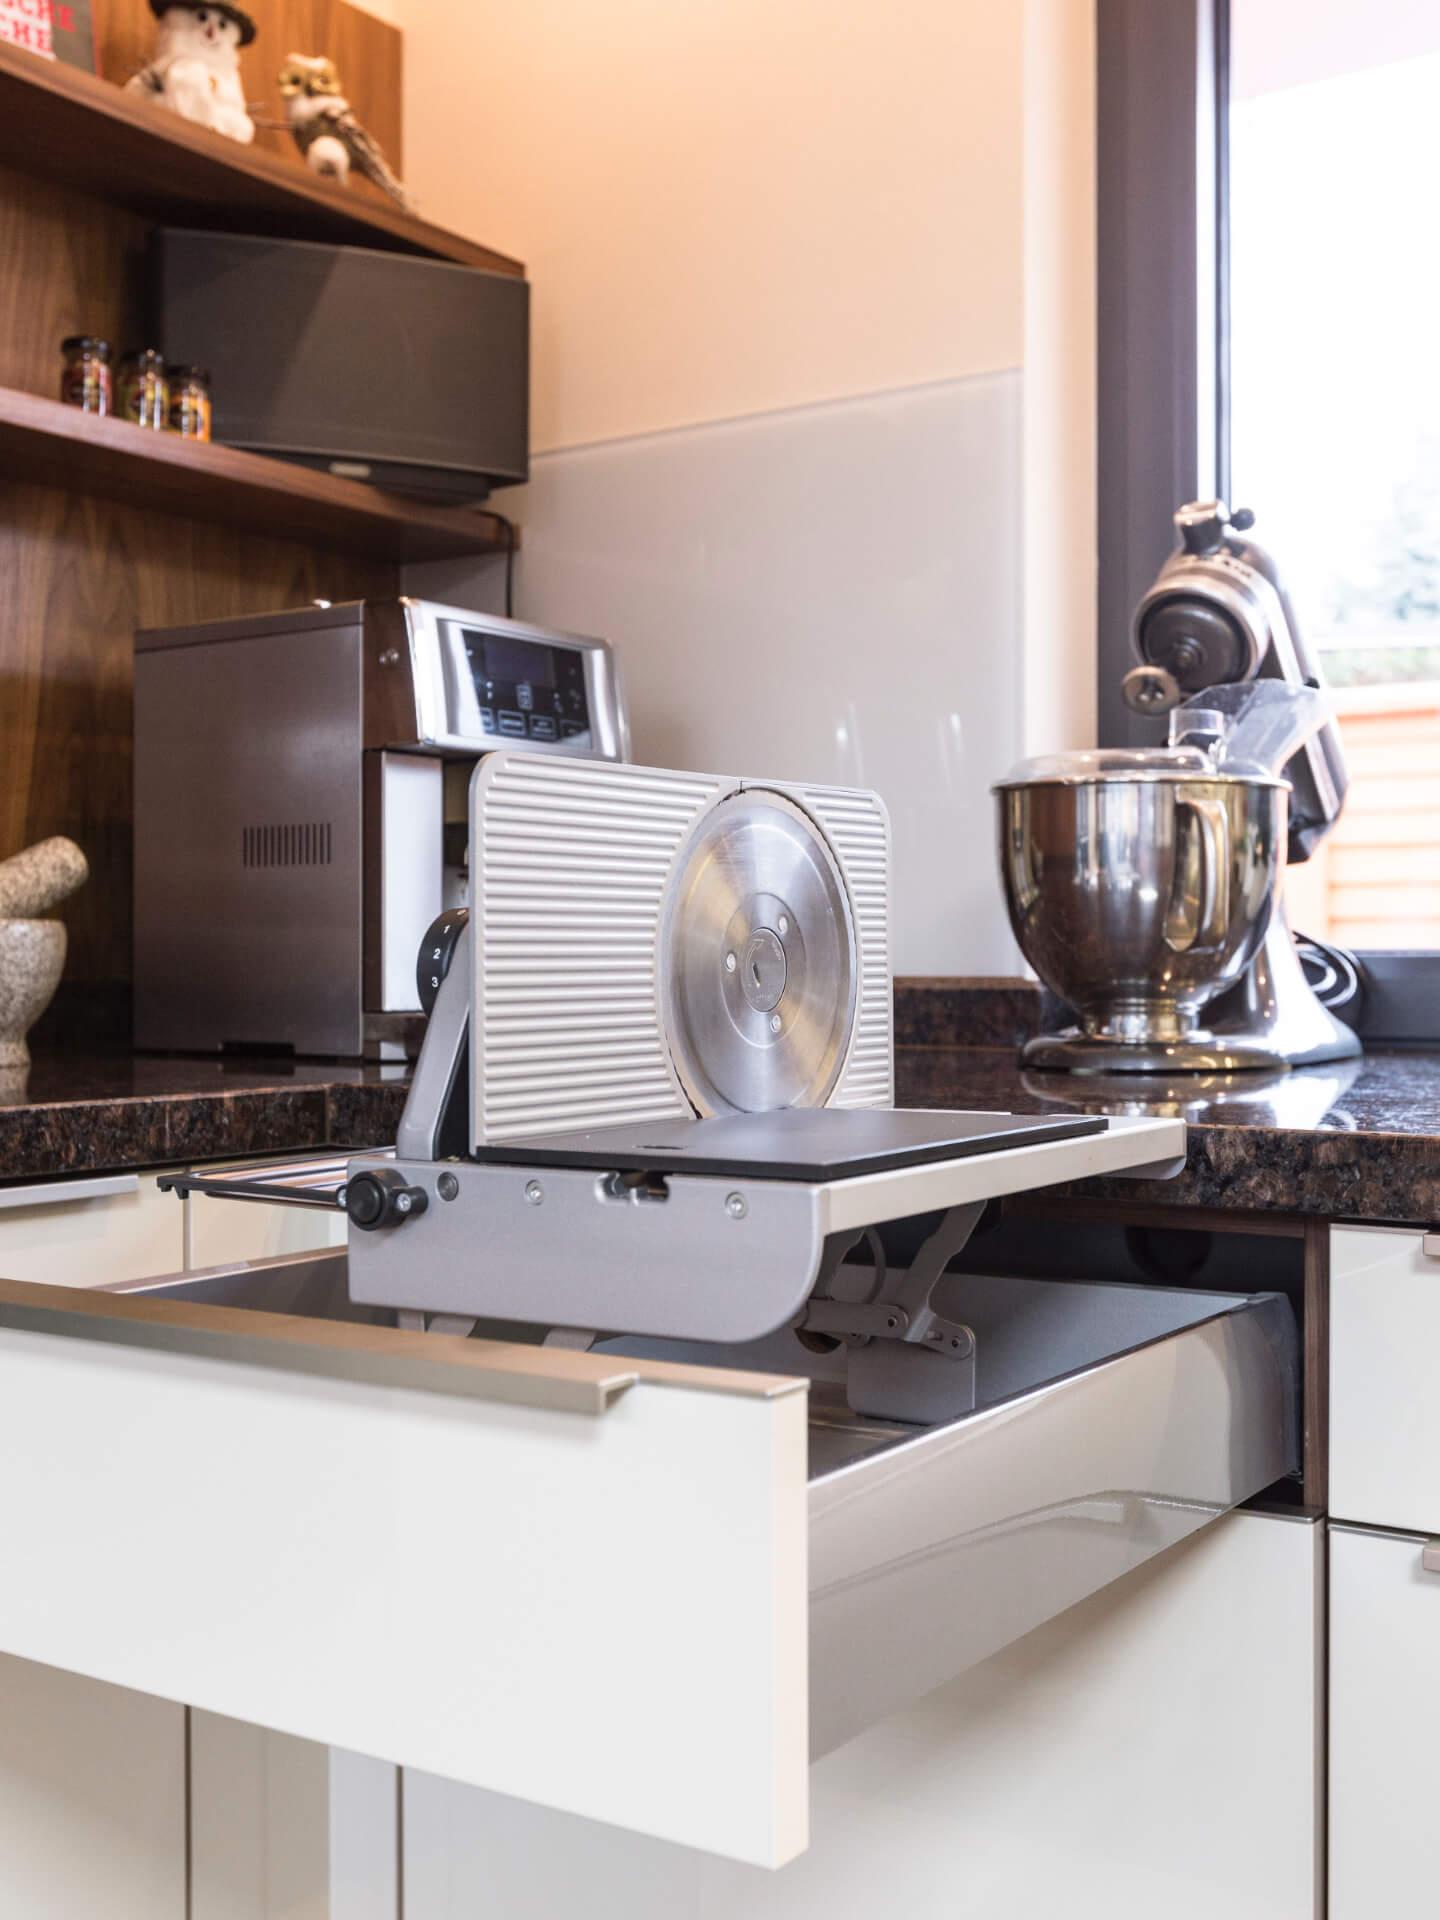 Full Size of Rondell Küche Kuche Einstellen Caseconradcom Unterschrank Hängeschrank Höhe Billig Kaufen Ikea Singleküche Mit E Geräten Glastüren Stehhilfe Pendeltür Wohnzimmer Rondell Küche